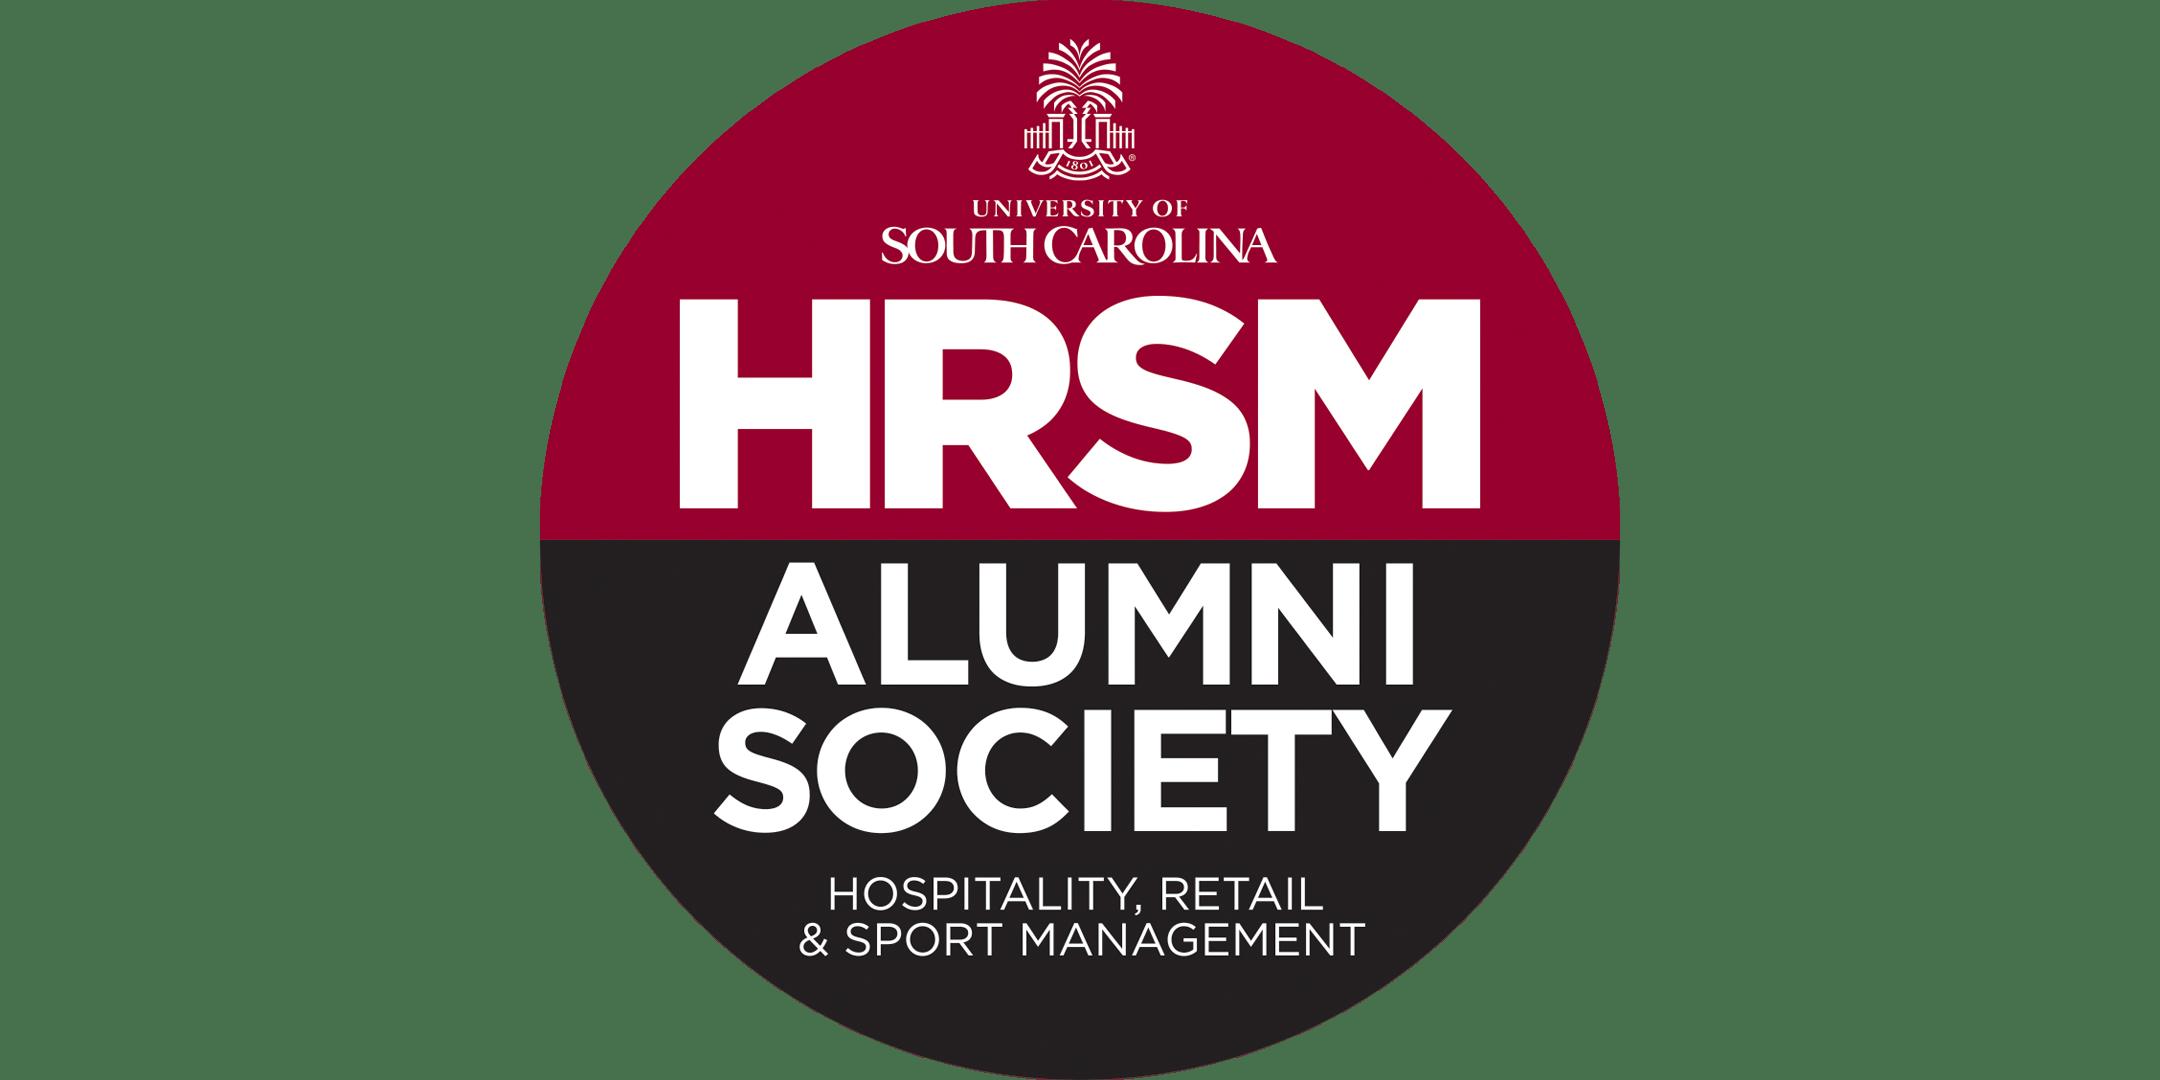 Alumni Society Lunch Bunch- HRSM alumni who w